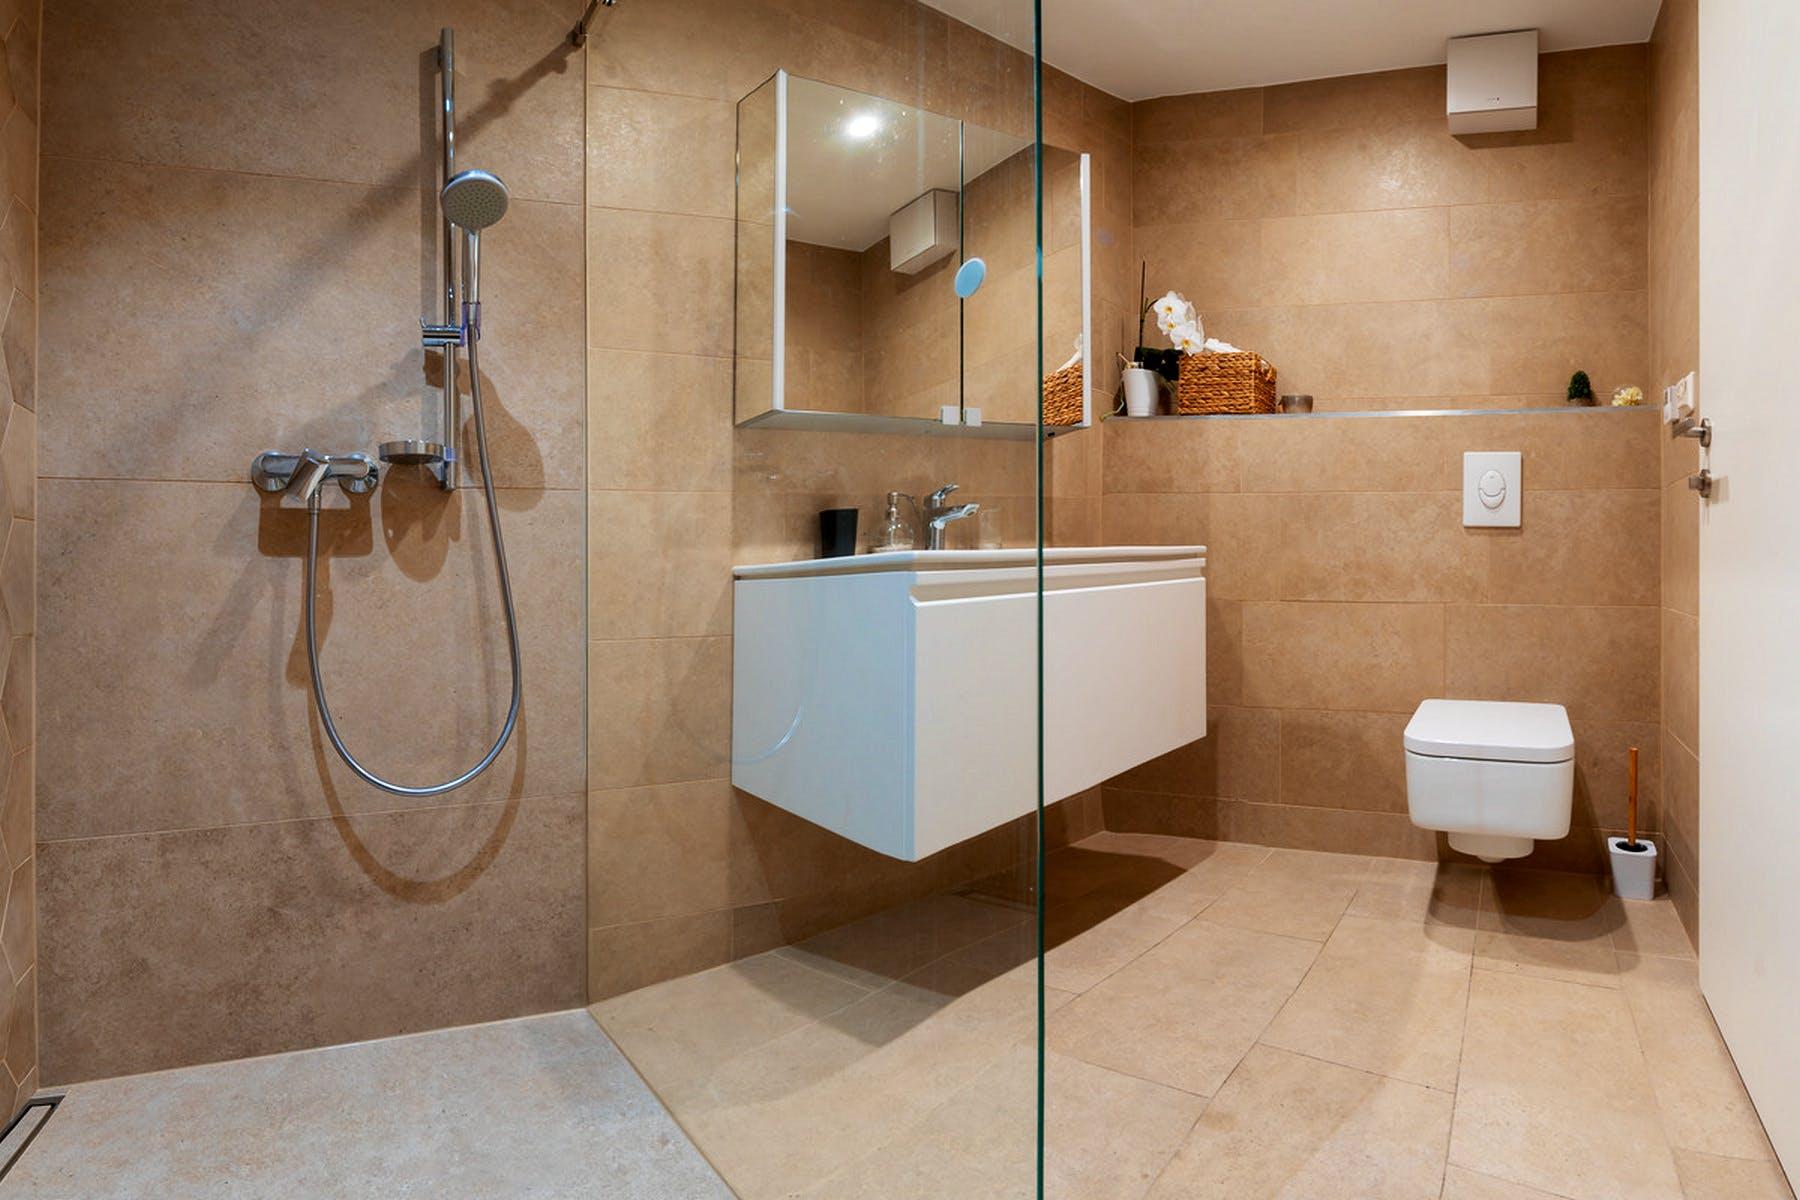 Fully furnished, modern bathroom